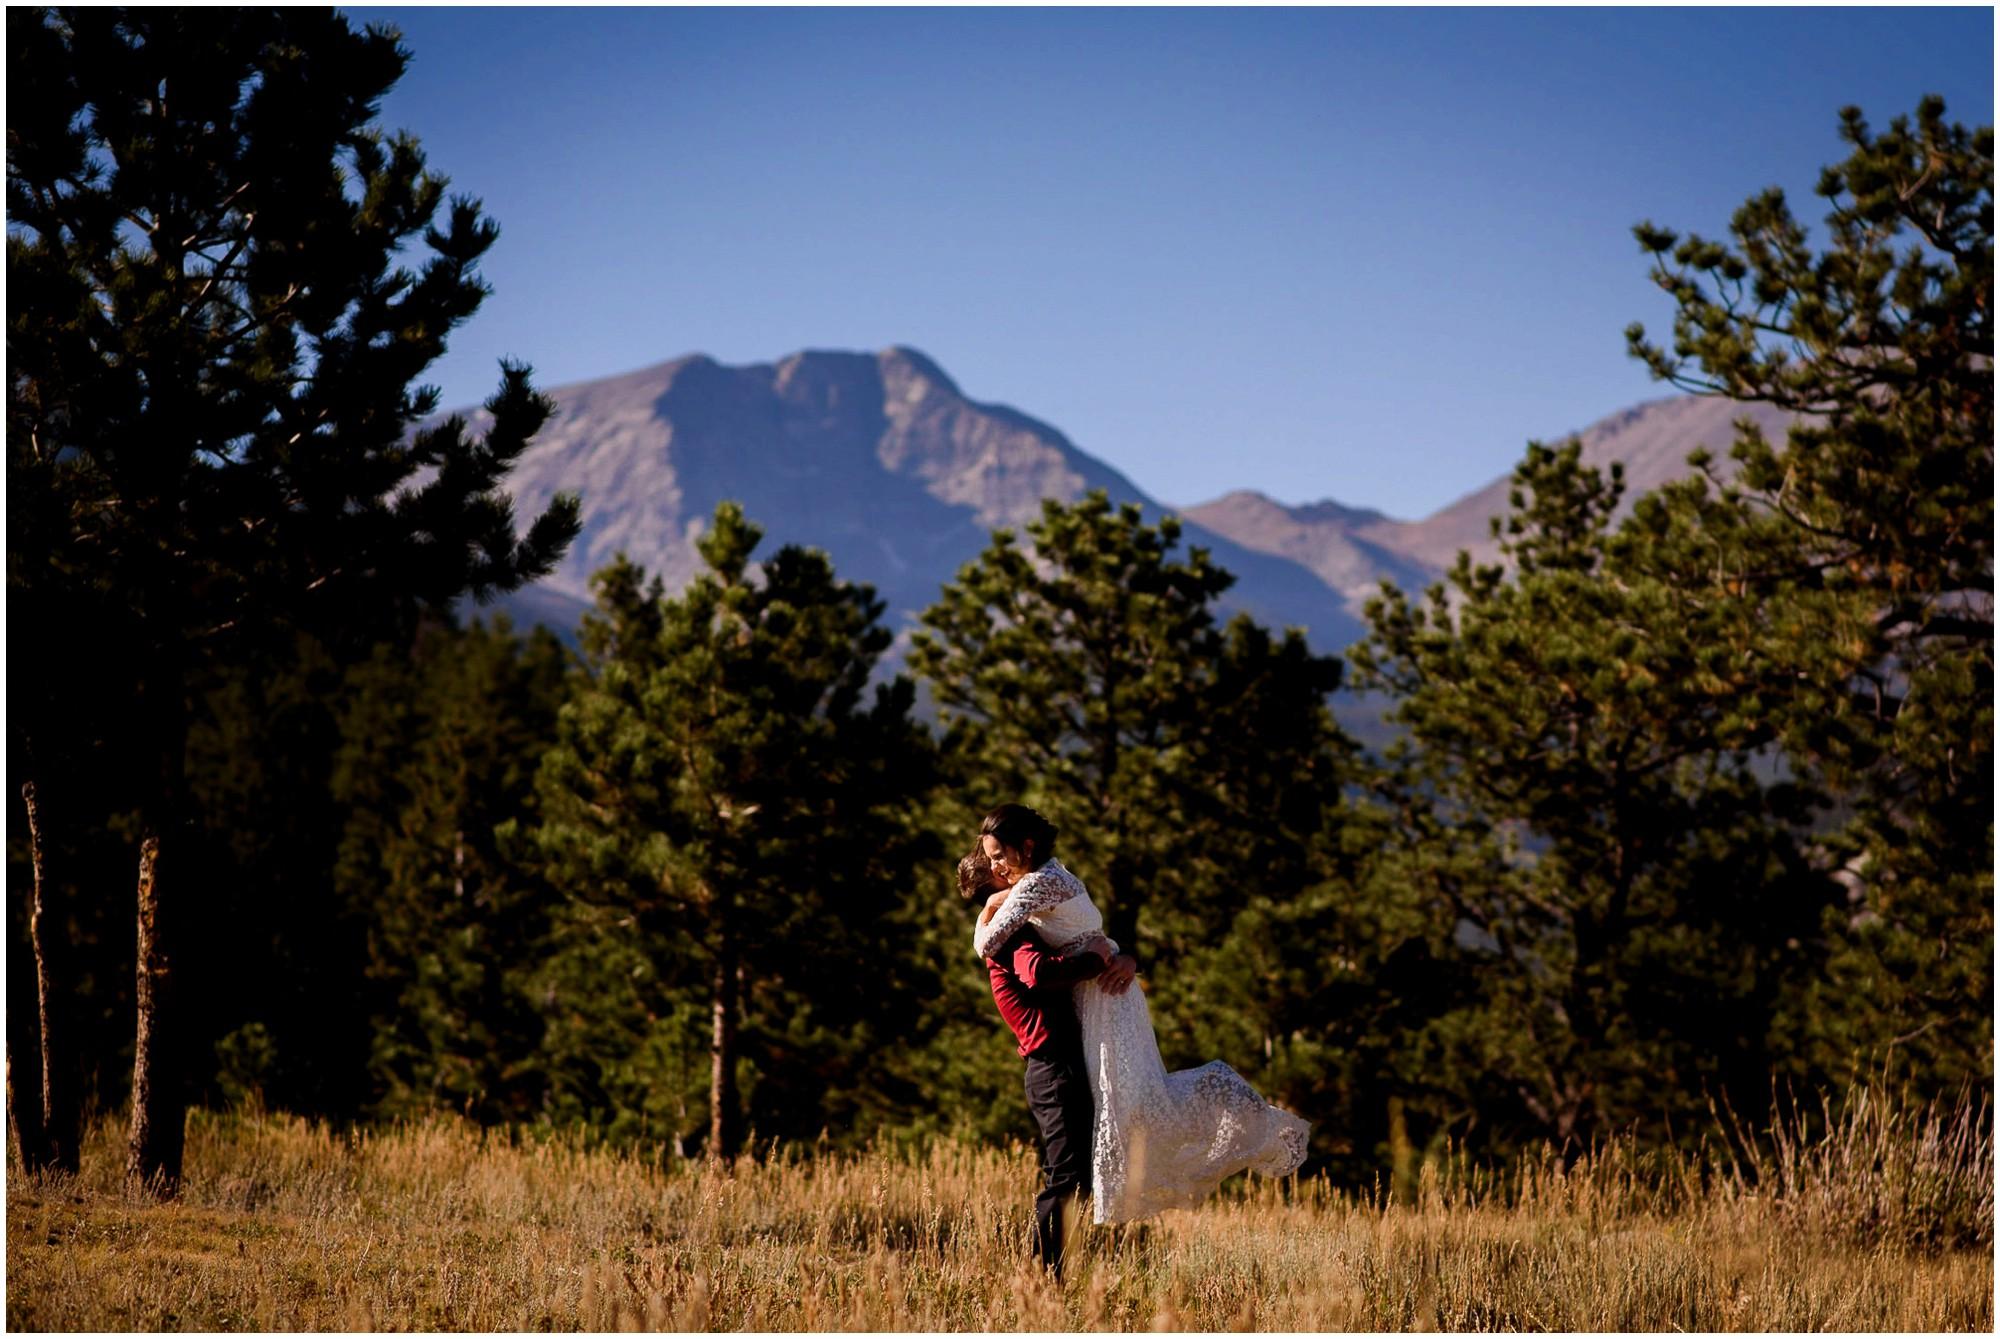 Bride and Groom hug in Colorado Mountain Meadow